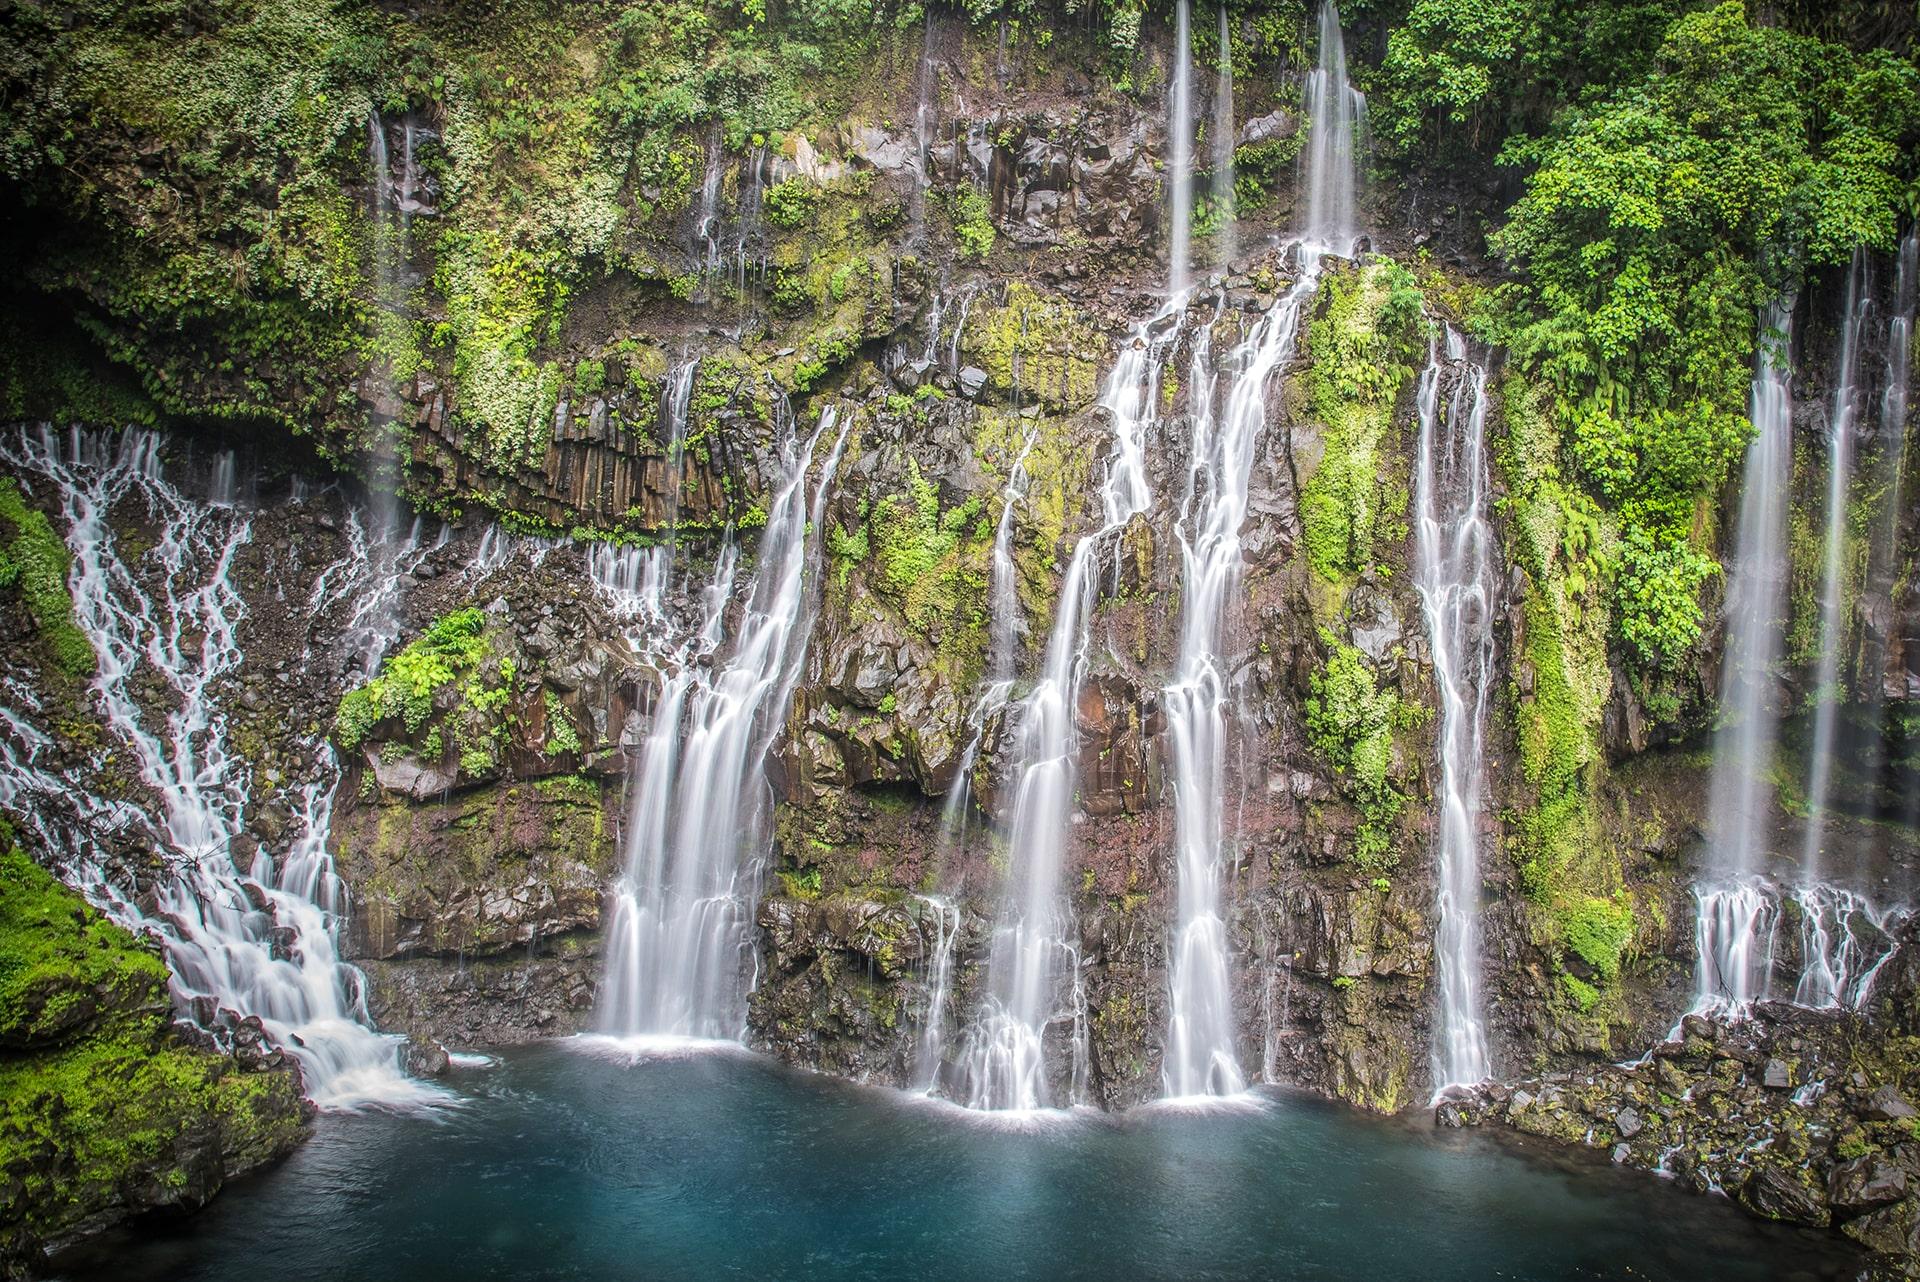 Les cascades de Langevin - Le duo de choc ! L'île Maurice et l'île de la Réunion - Suivre sa Joie - Saskia Parein